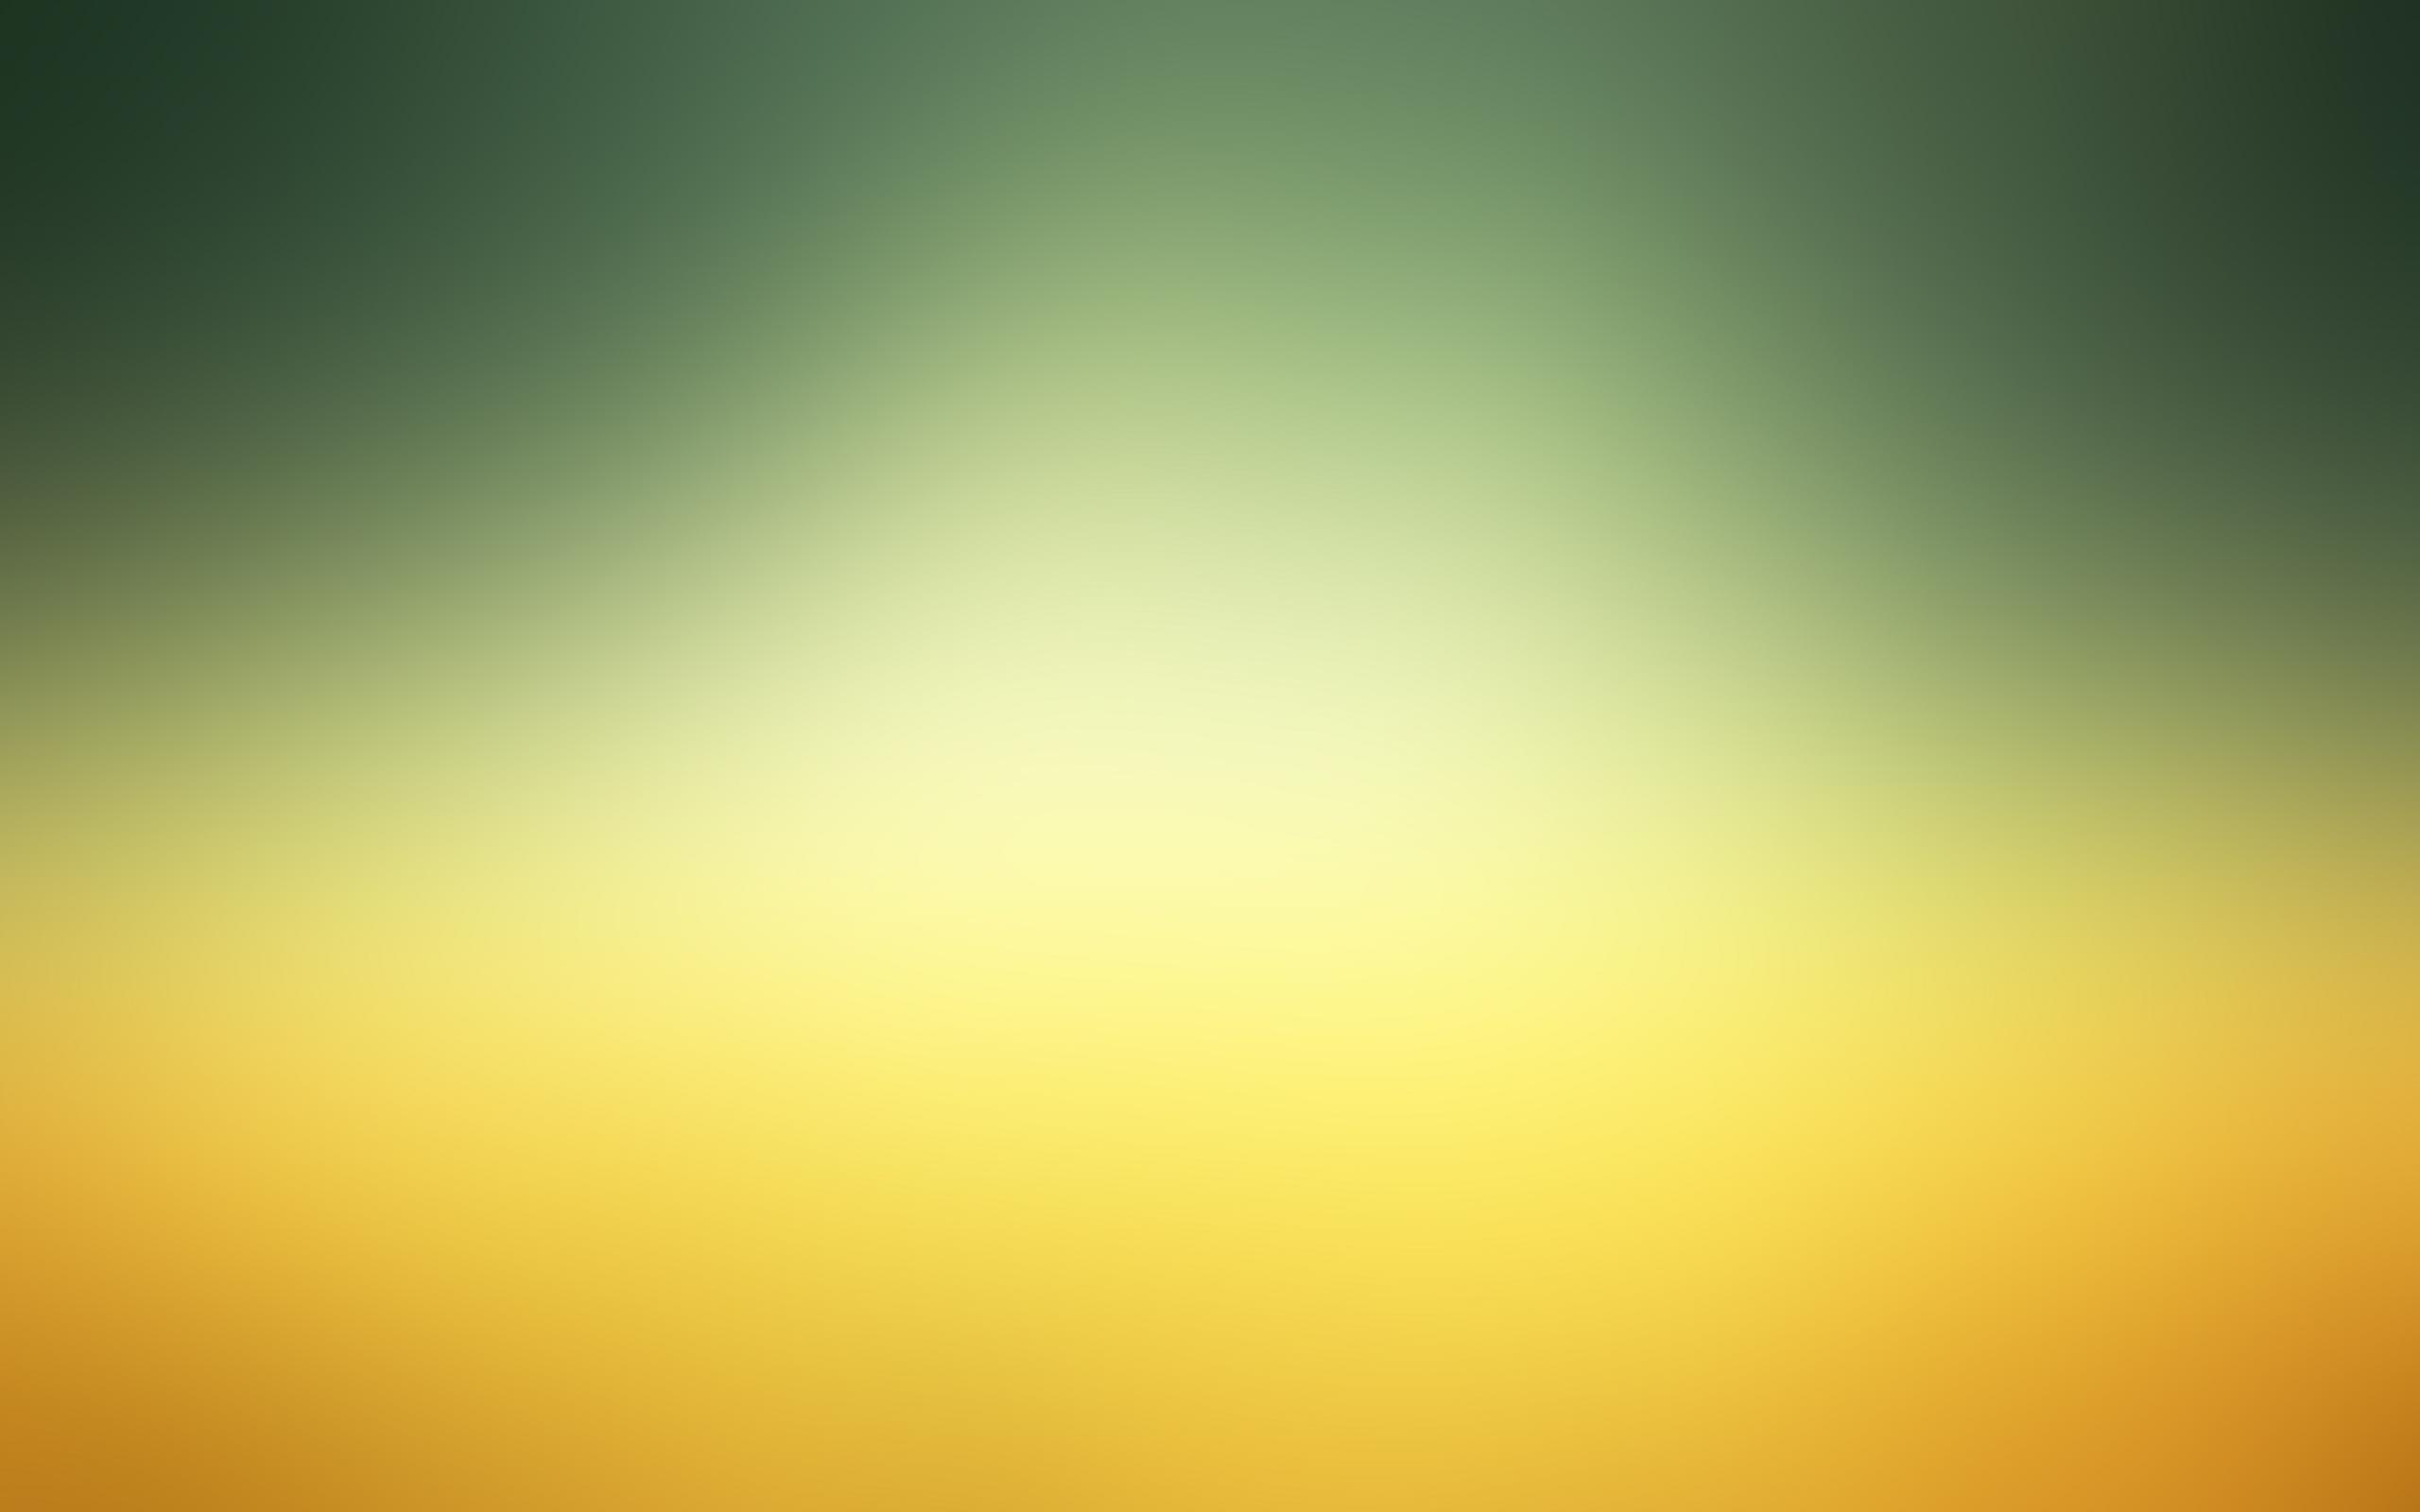 Color Gradient Wallpaper - WallpaperSafari